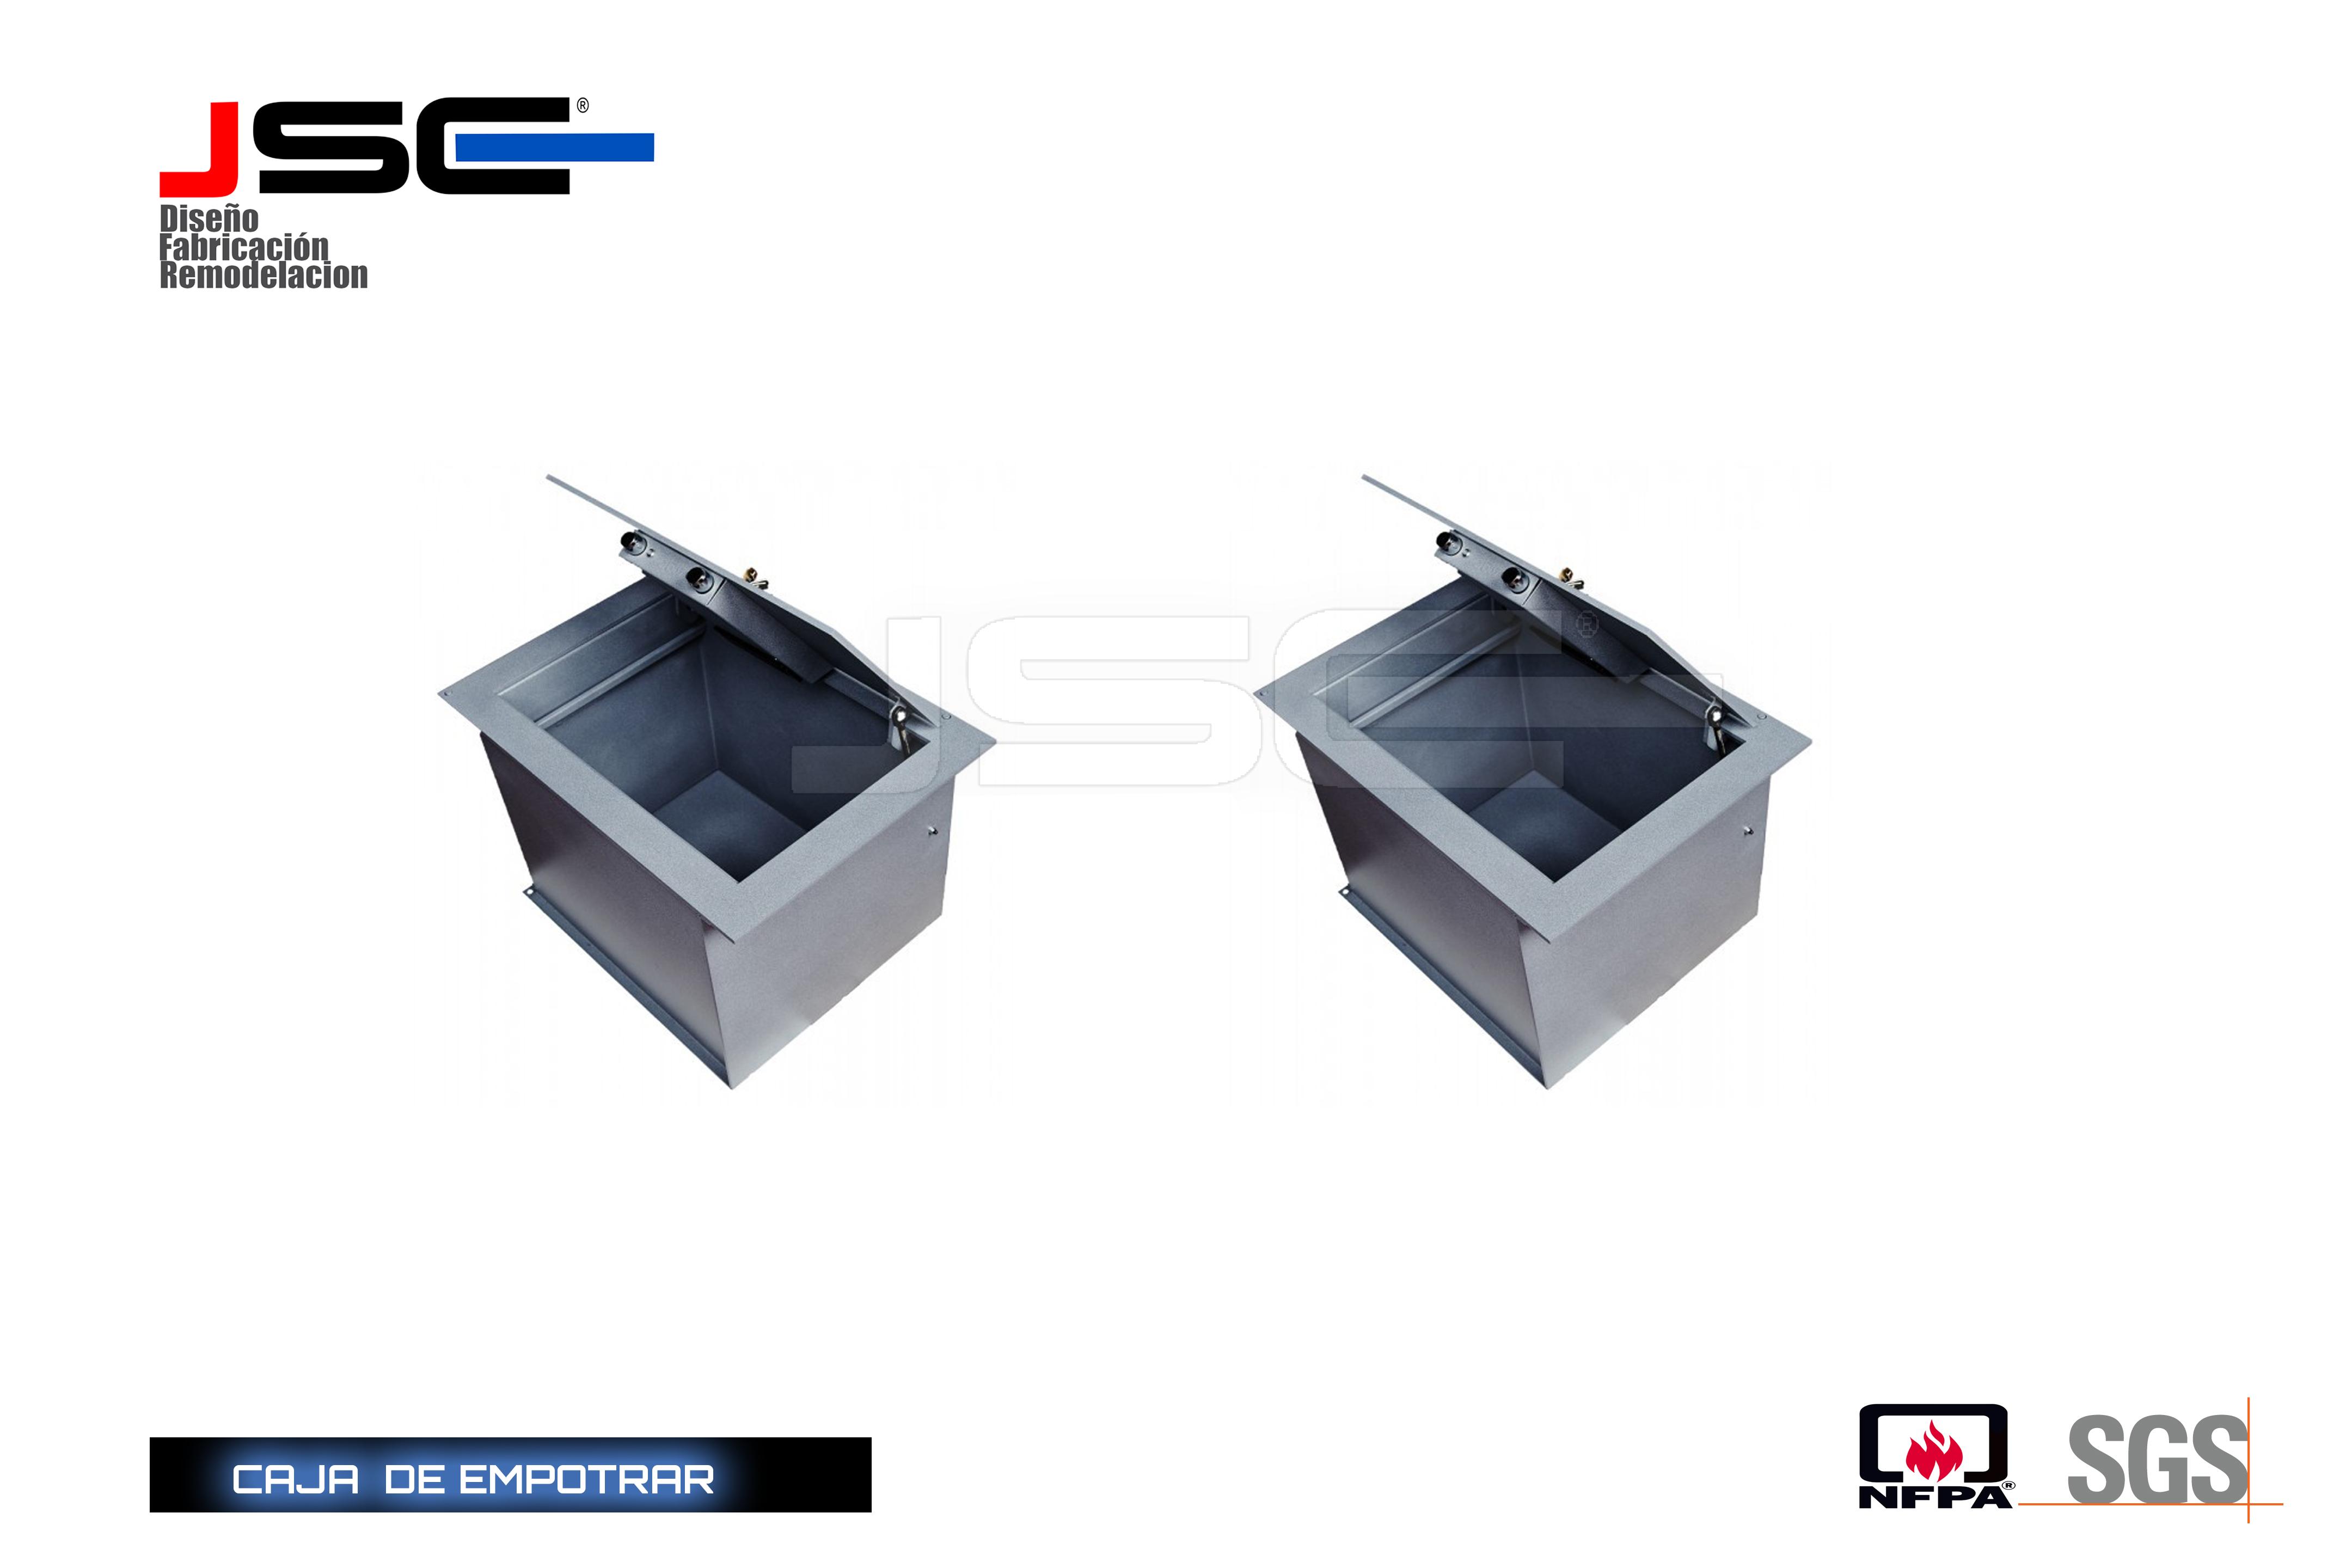 Caja de empotrar JSCE004